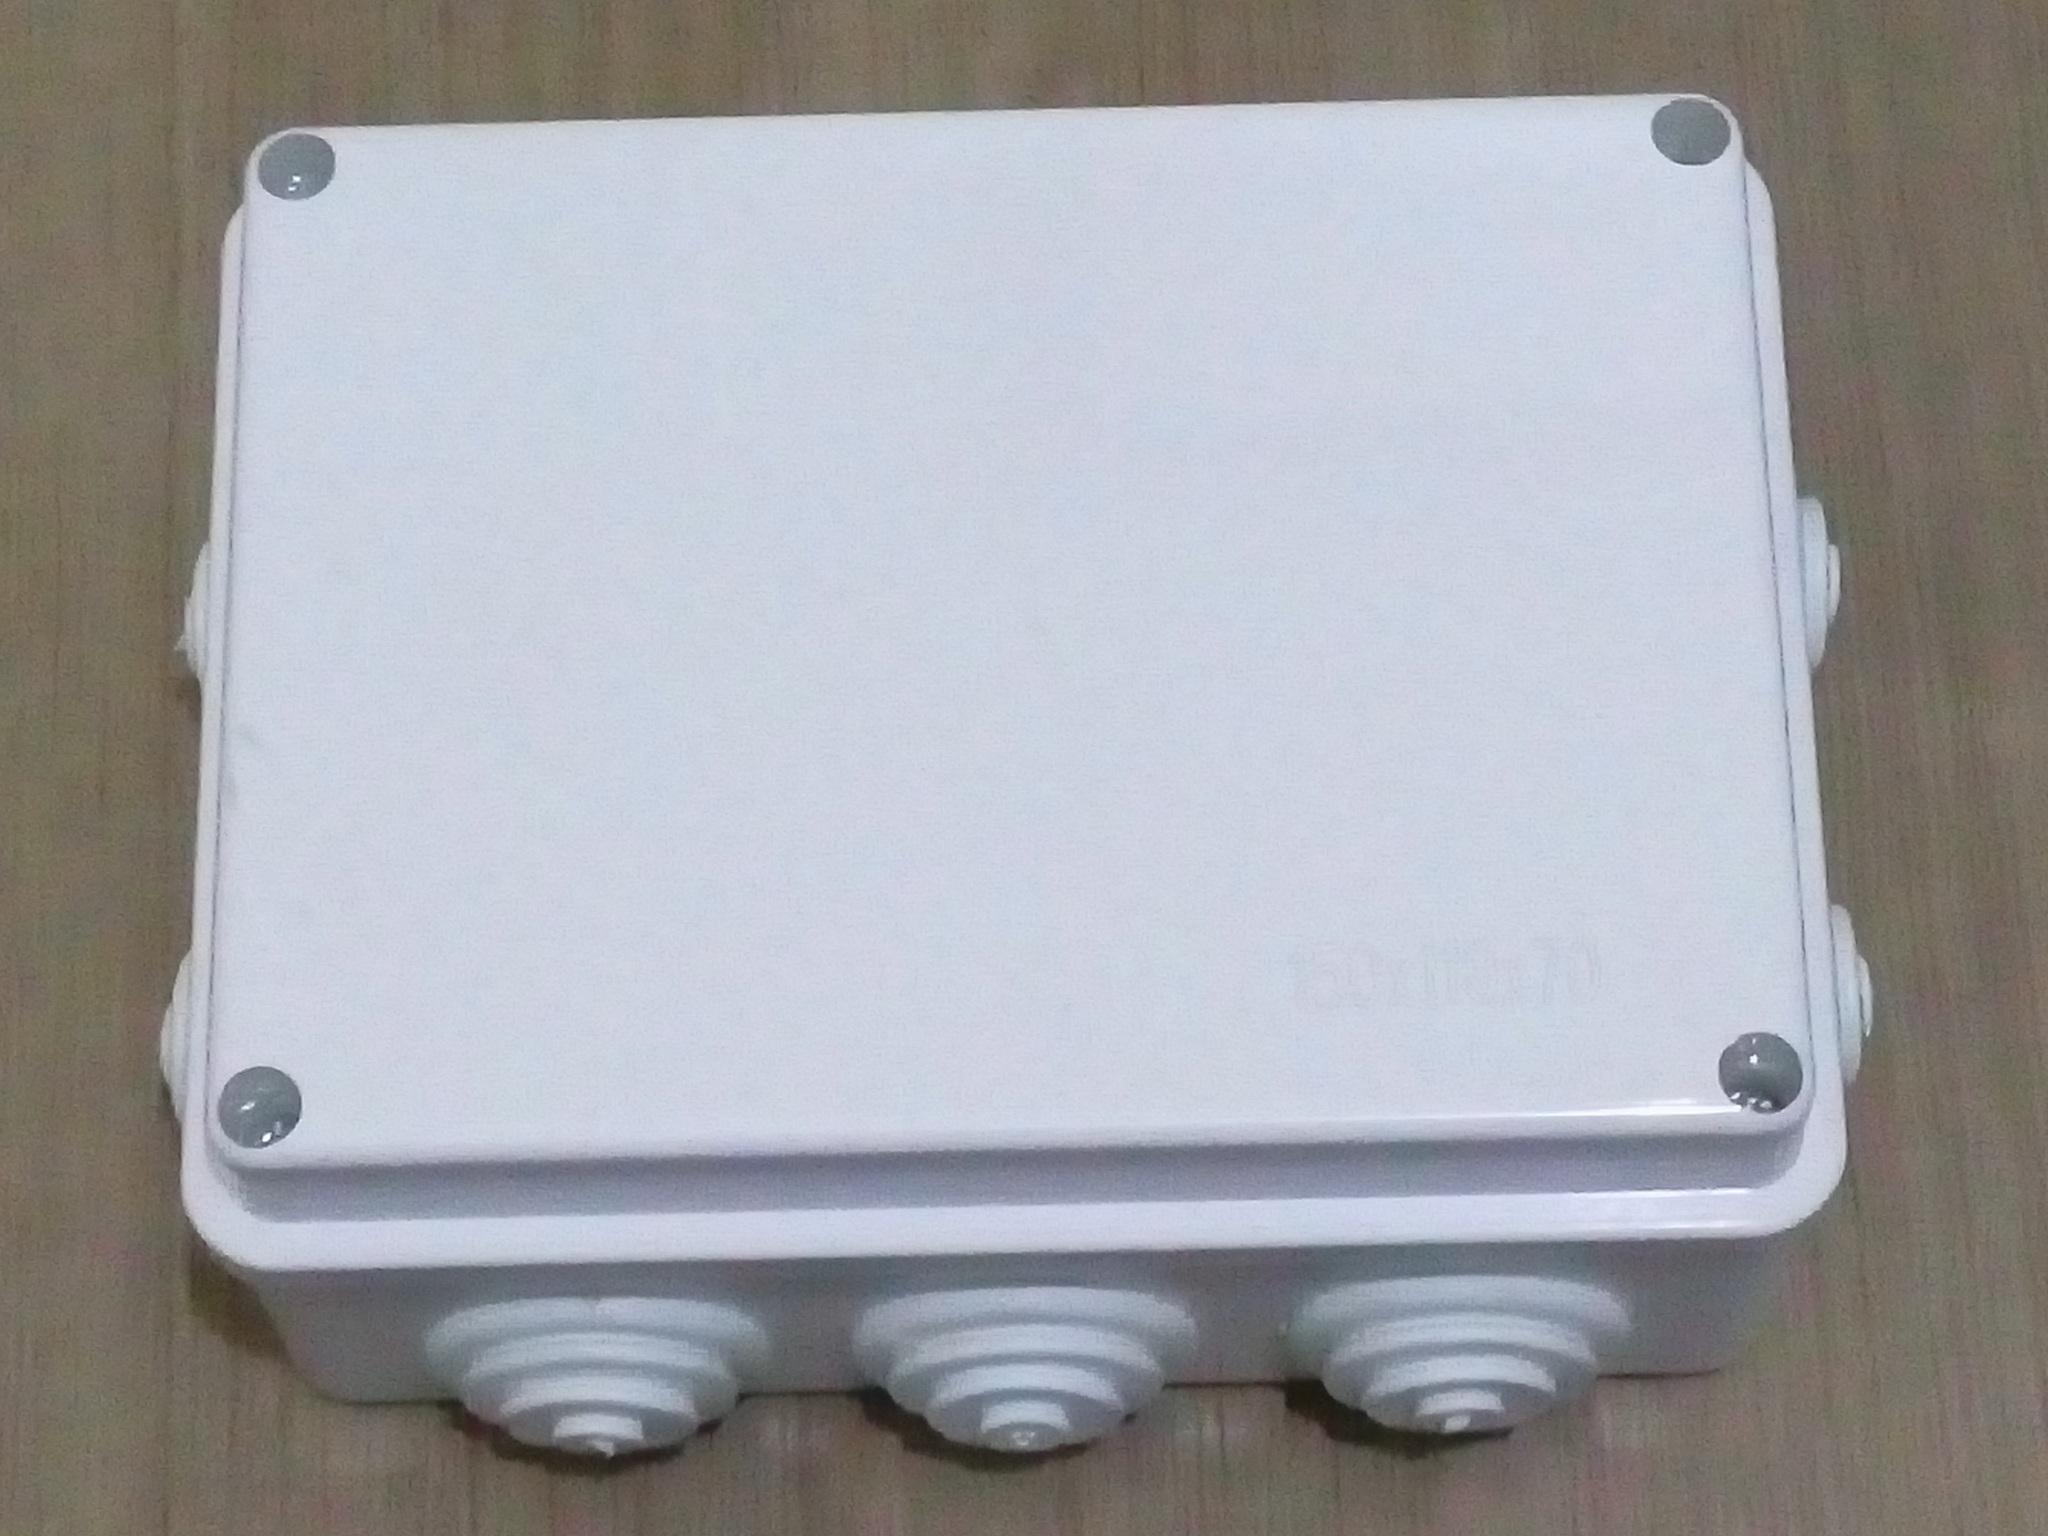 Jual Box Plastik Kotak Plastik Untuk Listrik Elektronik Kedai Tokopedia